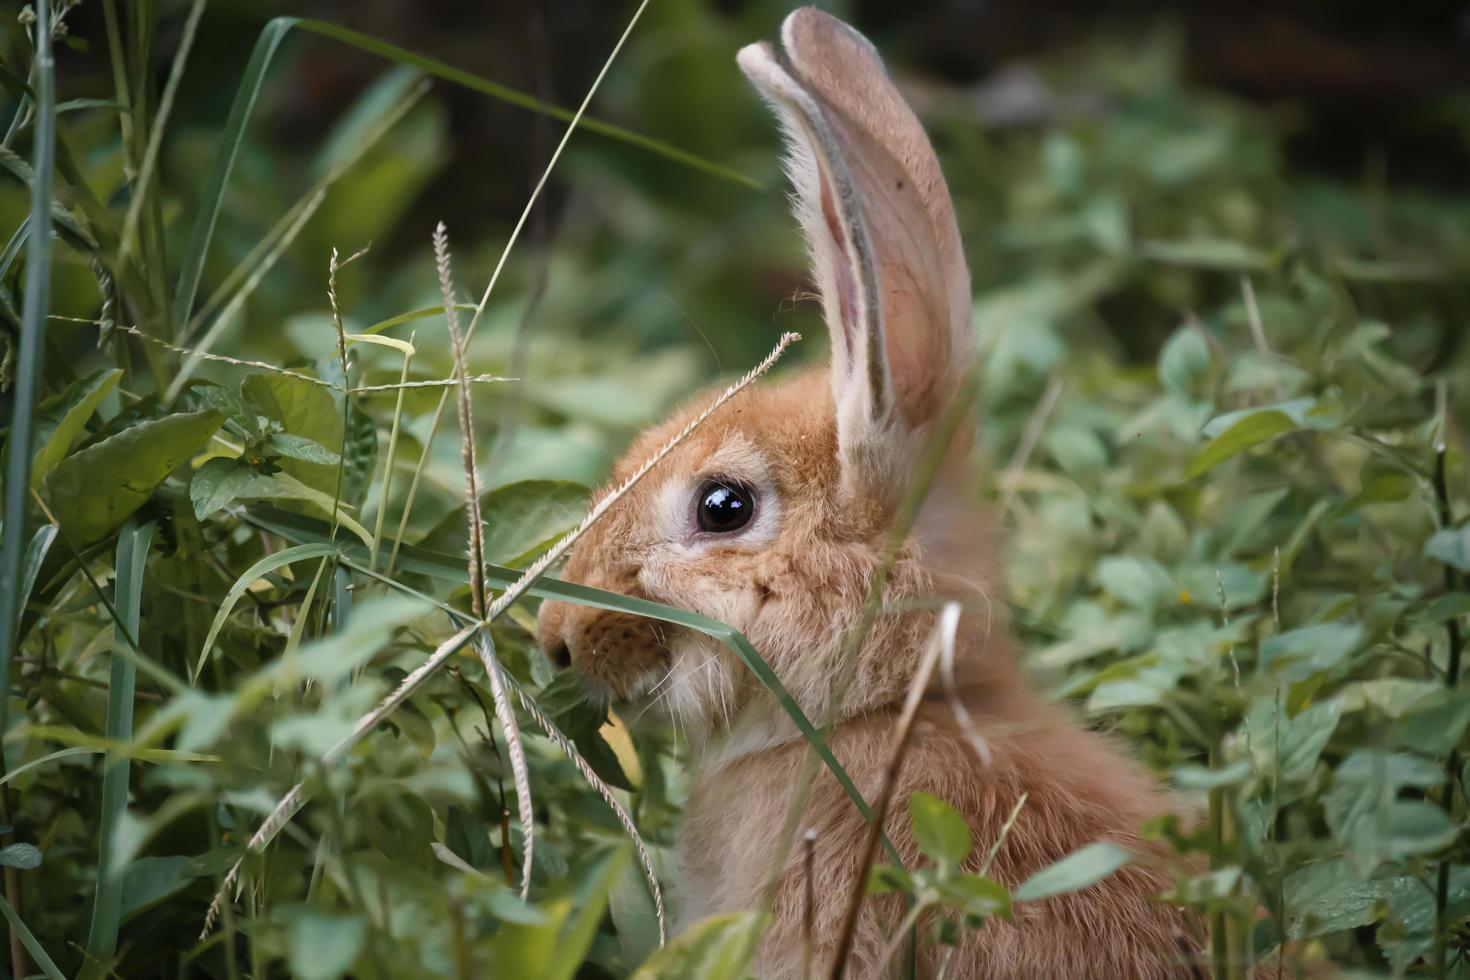 conejo local de color marrón espeso foto